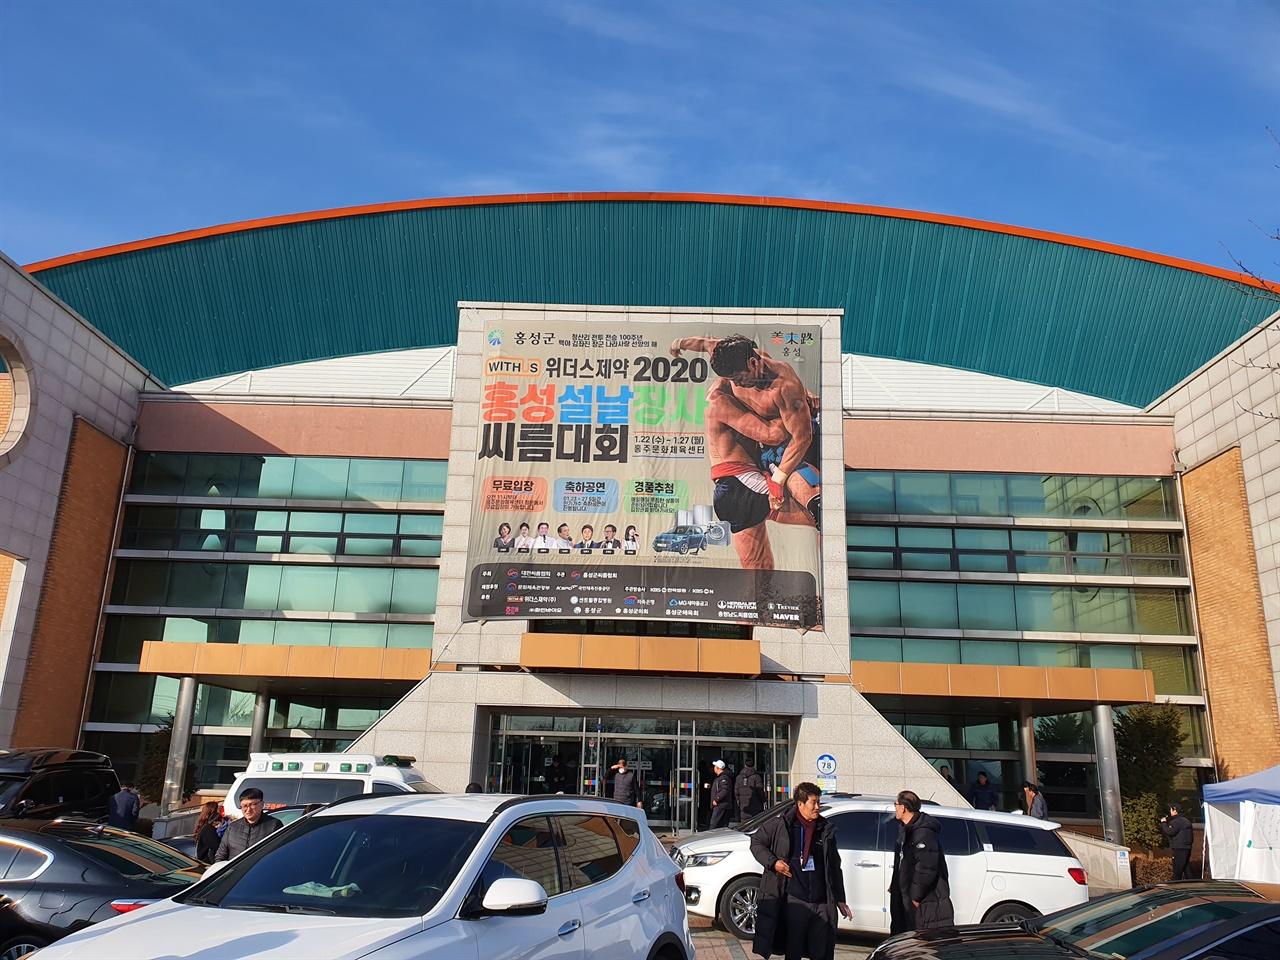 충남 홍성 홍주문화체육센터에서는 지난 22일부터 27일까지 6일간 '2020 홍성 설날장사씨름대회'가 열리고 있다.